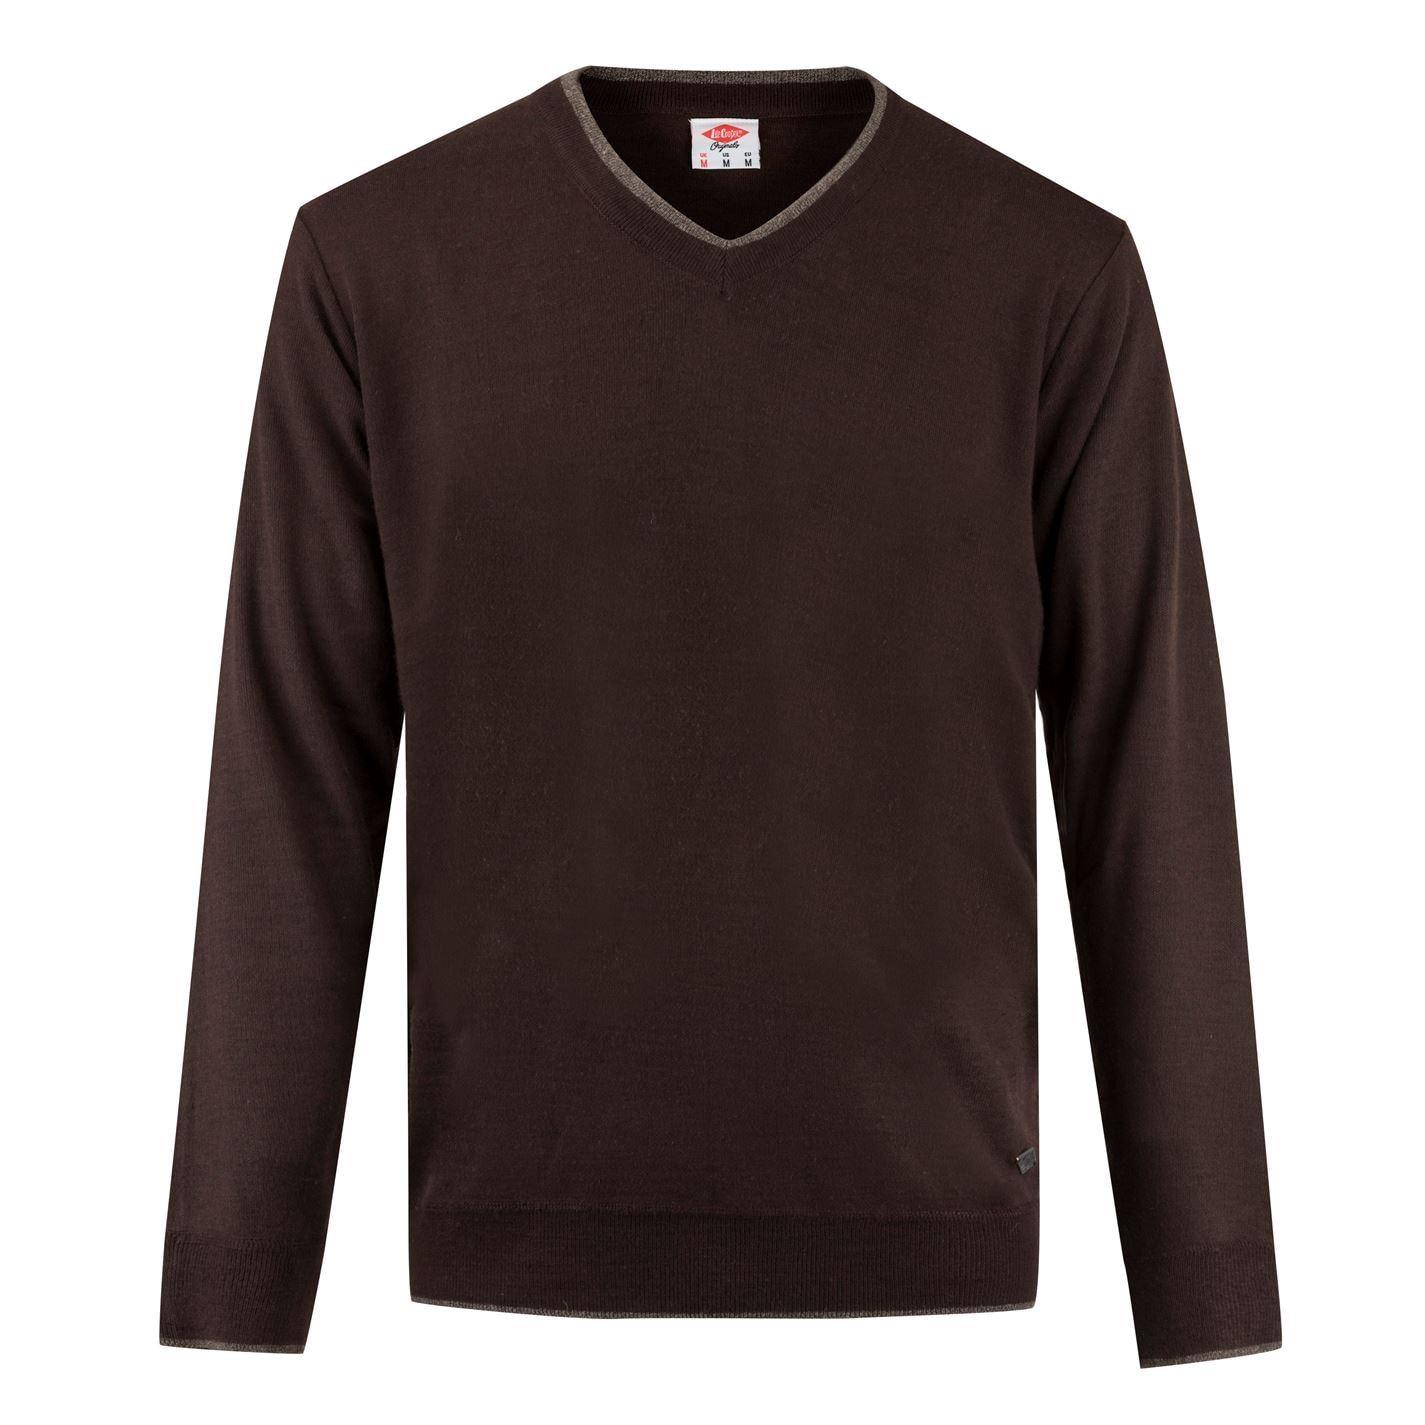 Lee-Cooper-Cuello-en-V-sueter-pulover-jumper-Top-Para-Hombre miniatura 6